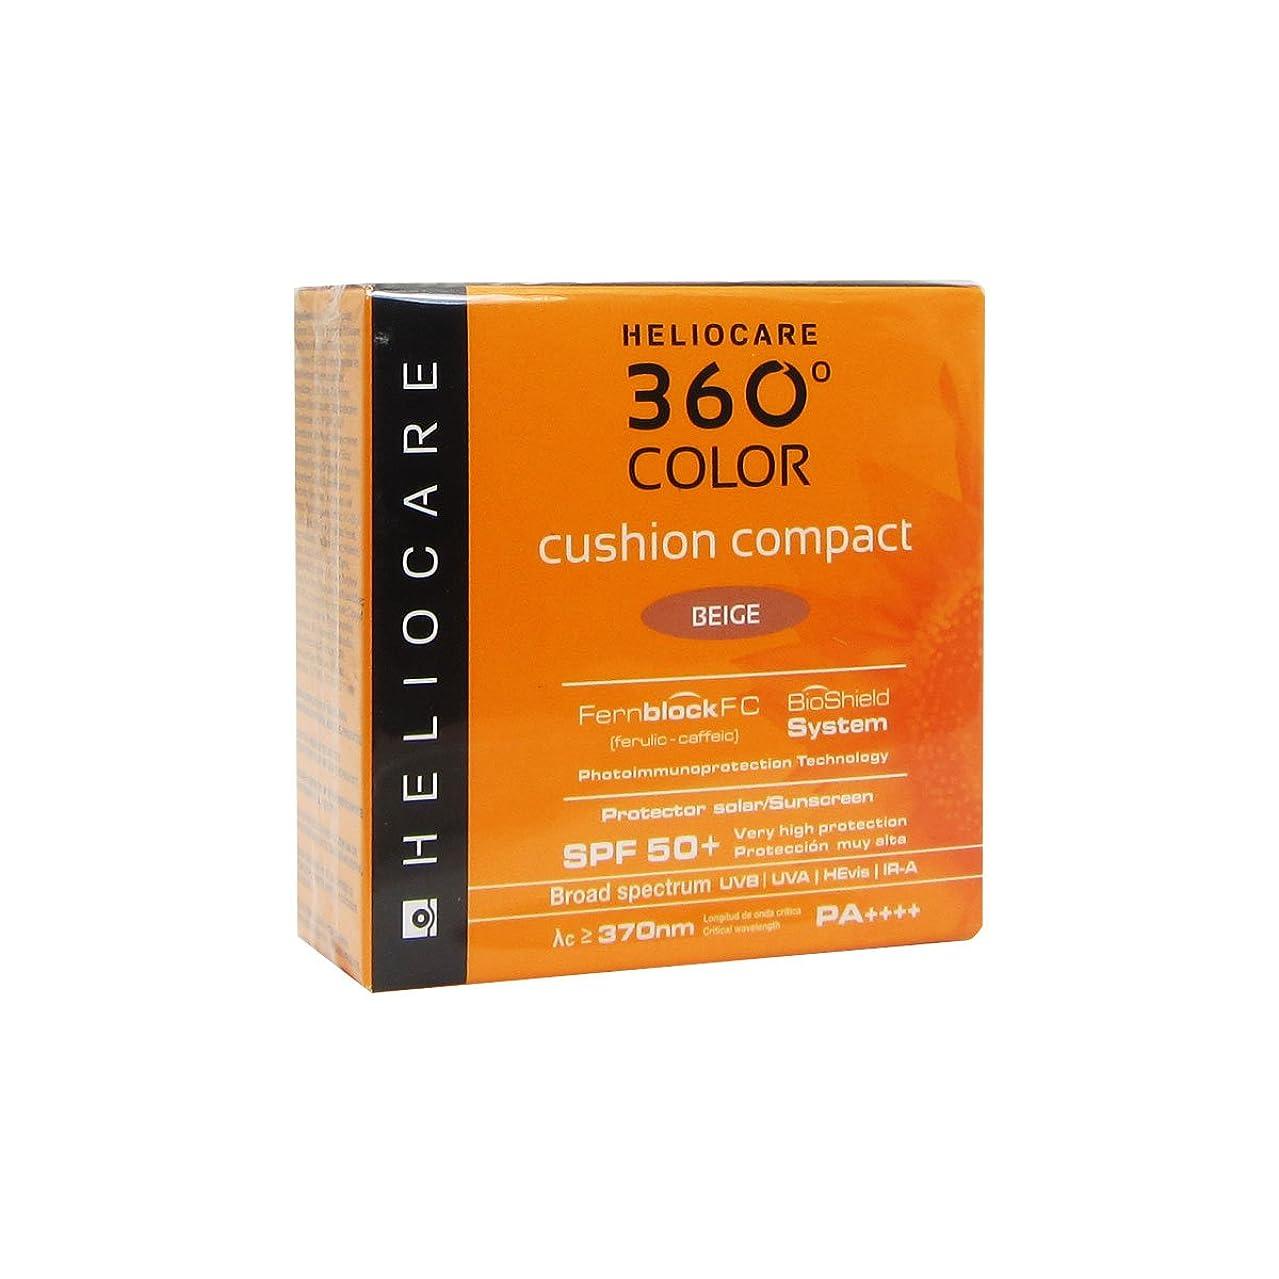 ダウン異常な育成Heliocare 360 Compact Cushion Spf50 Beige Spf50+ 15g [並行輸入品]